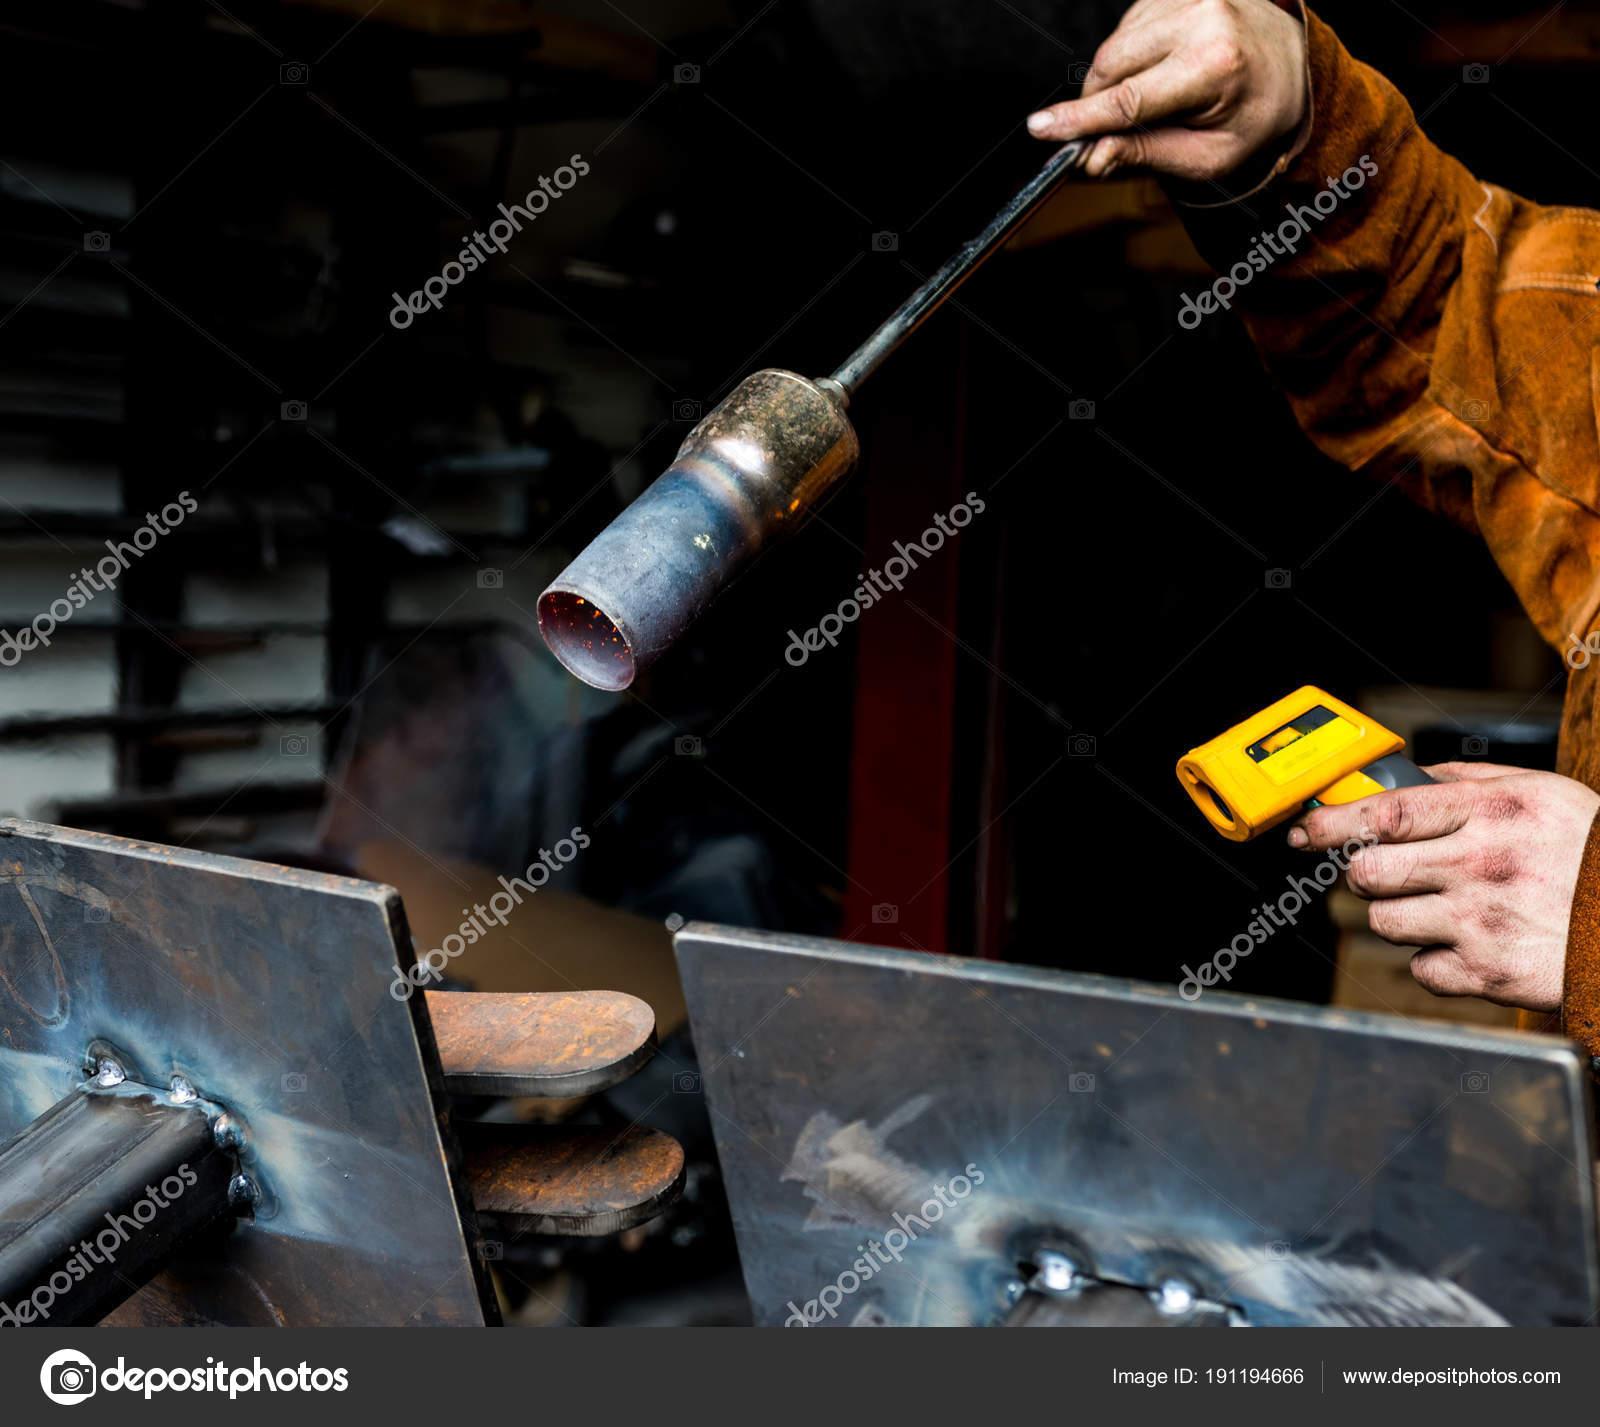 Metallarbeiter Vorwarmen Stahlplatten Mit Einem Propan Brenner In